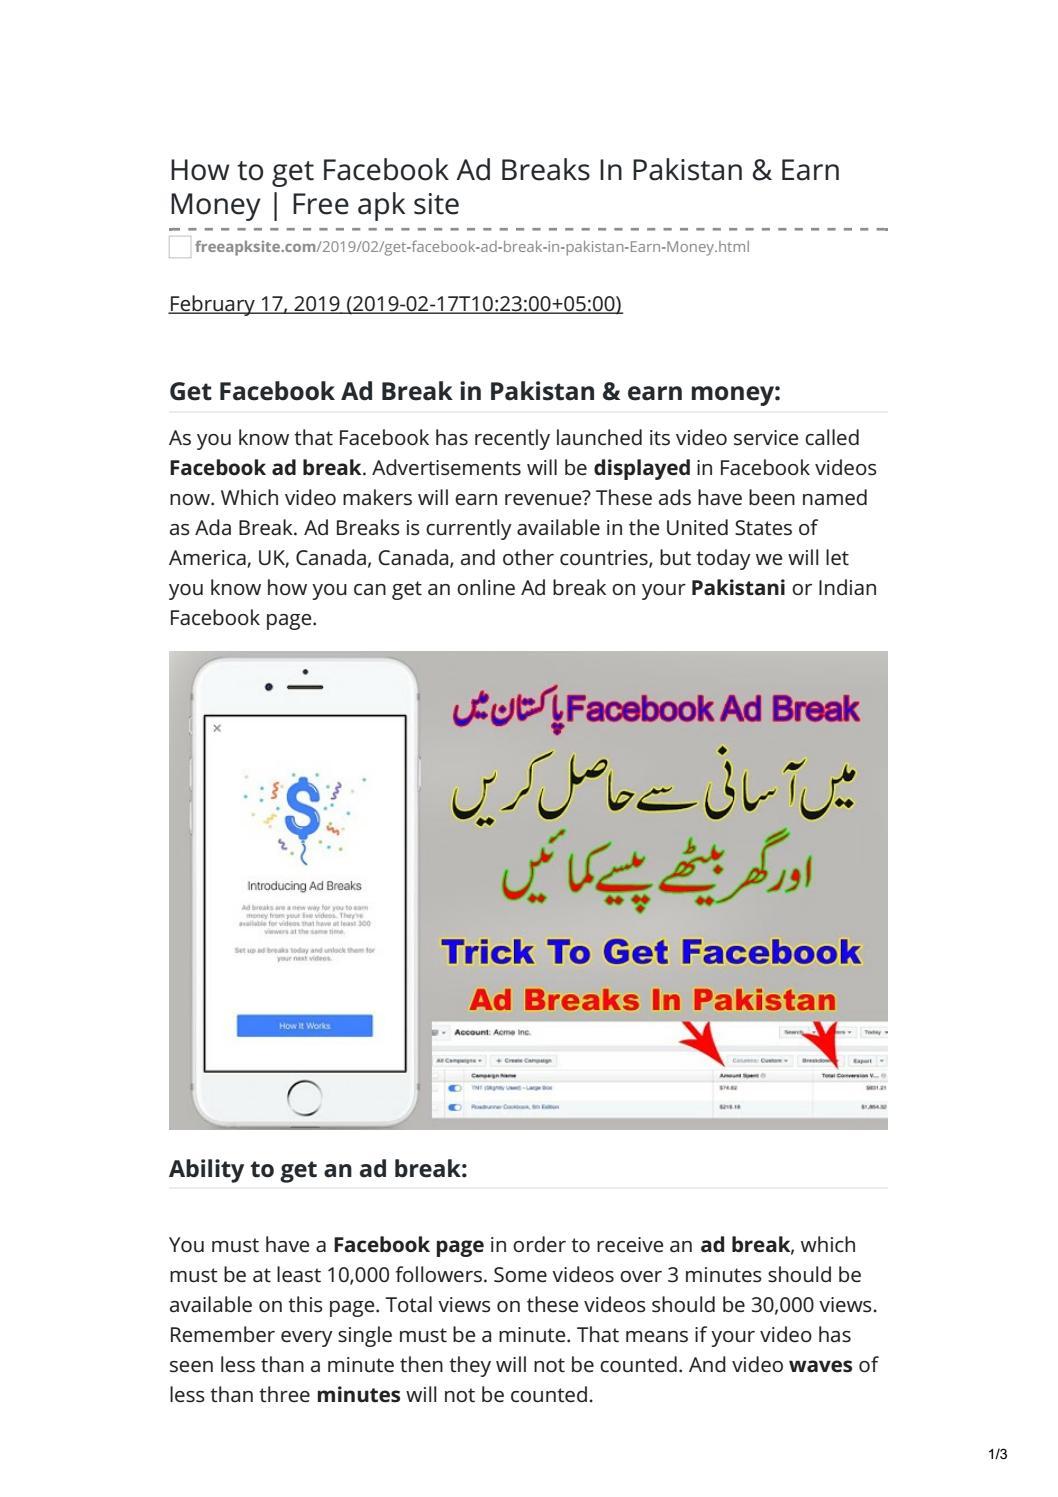 How To Get Facebook Ad Breaks In Pakistan & Earn Money